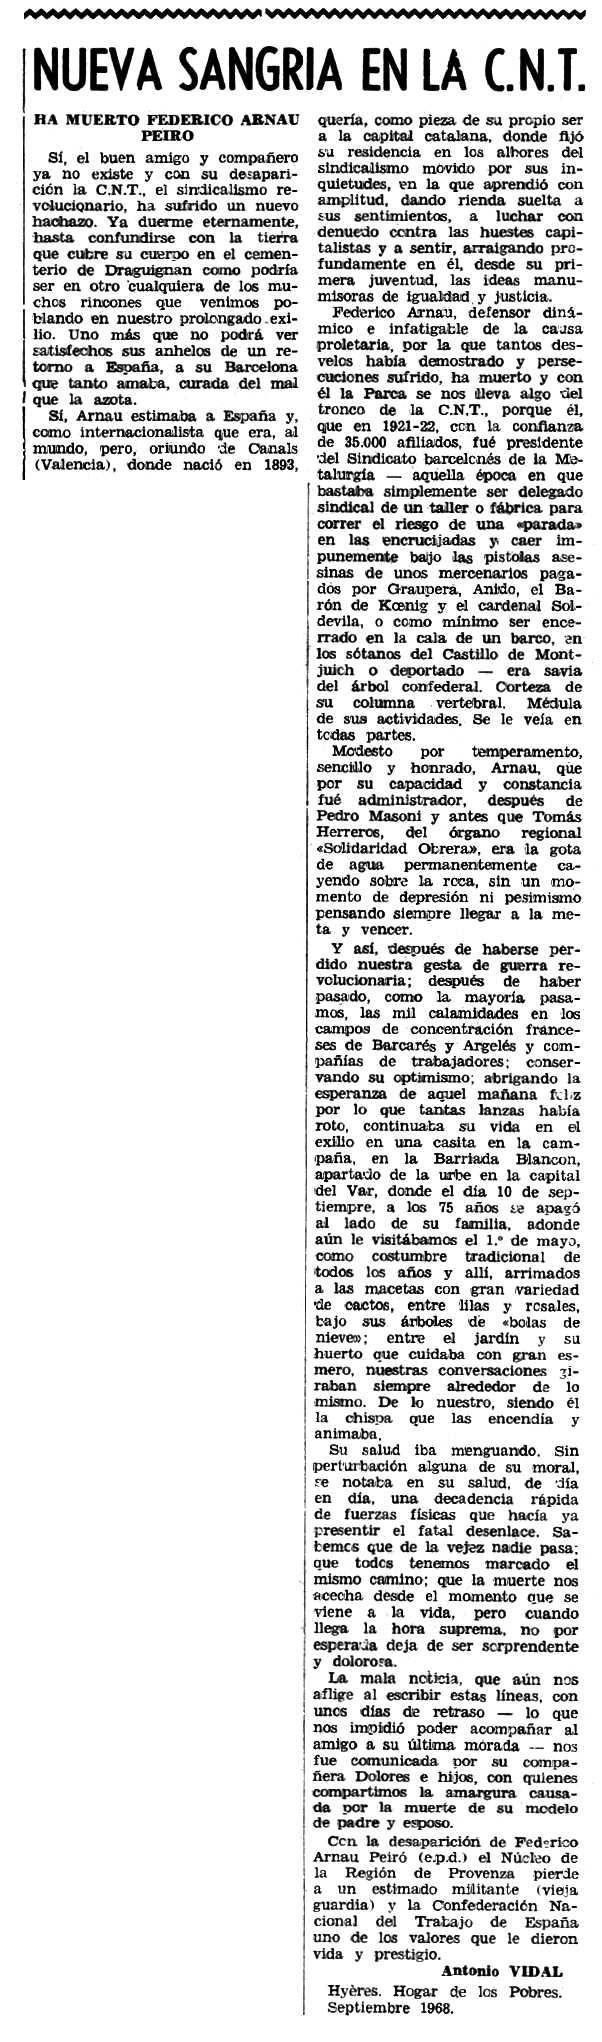 """Necrològica de Frederic Arnau Peiró apareguda en el periòdic tolosà """"Espoir"""" del 27 d'octubre de 1968"""